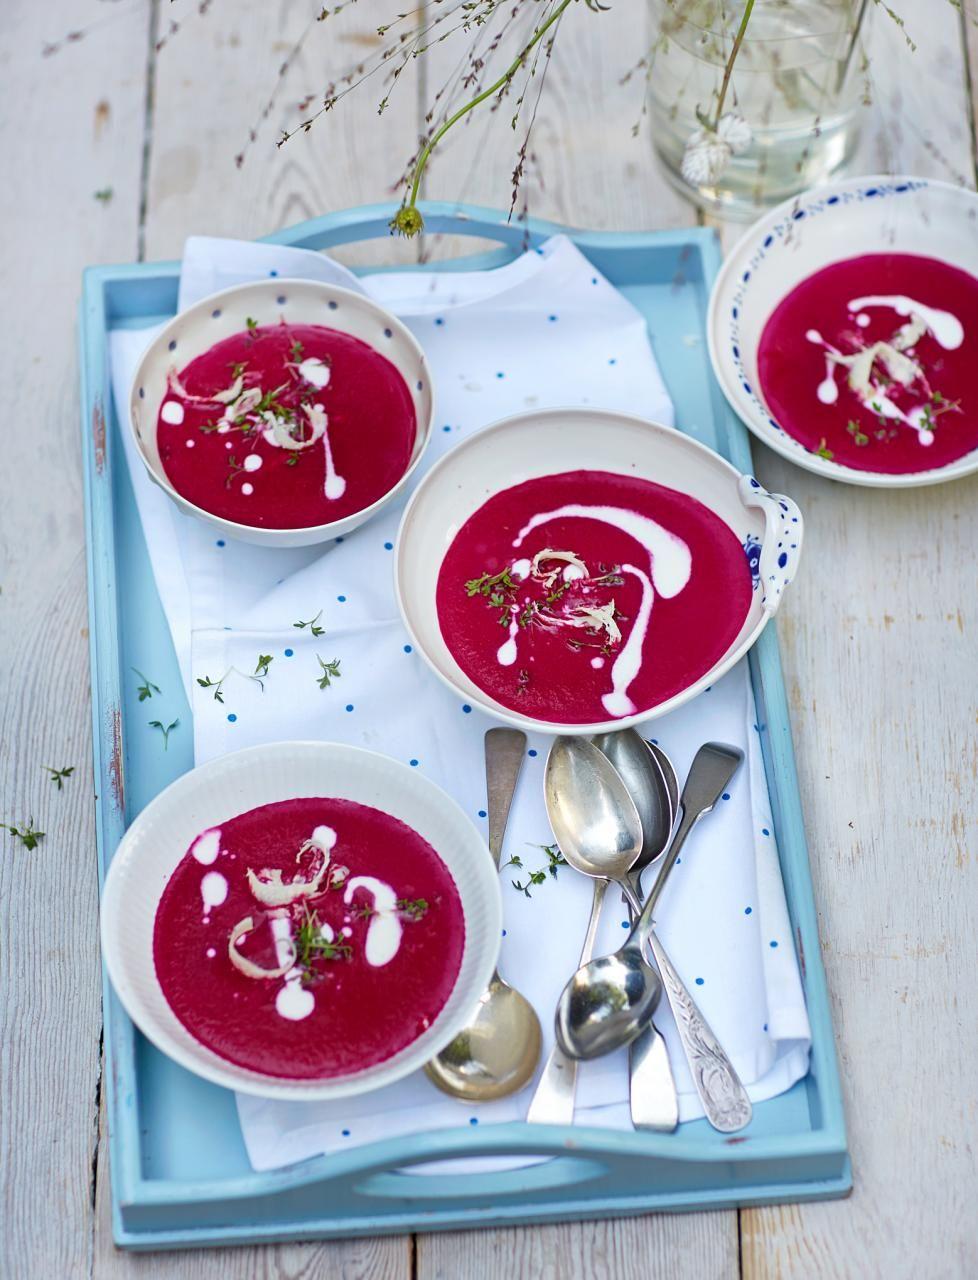 die besten 25 suppe kochen ideen auf pinterest gesunde eintopf rezepte gesunde rezepte. Black Bedroom Furniture Sets. Home Design Ideas